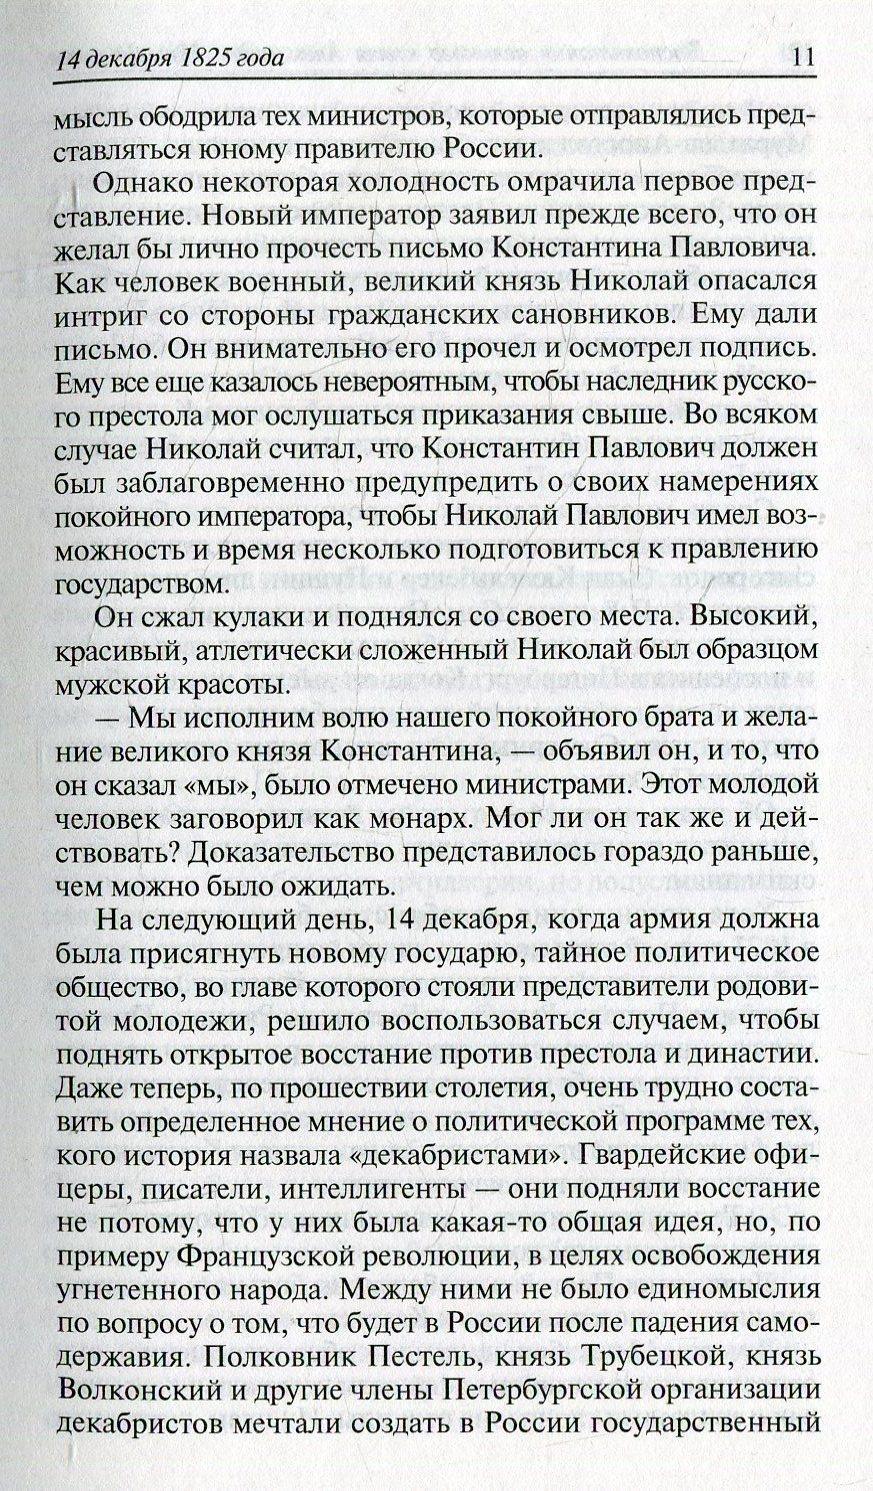 русяев александр михайлович биография читать